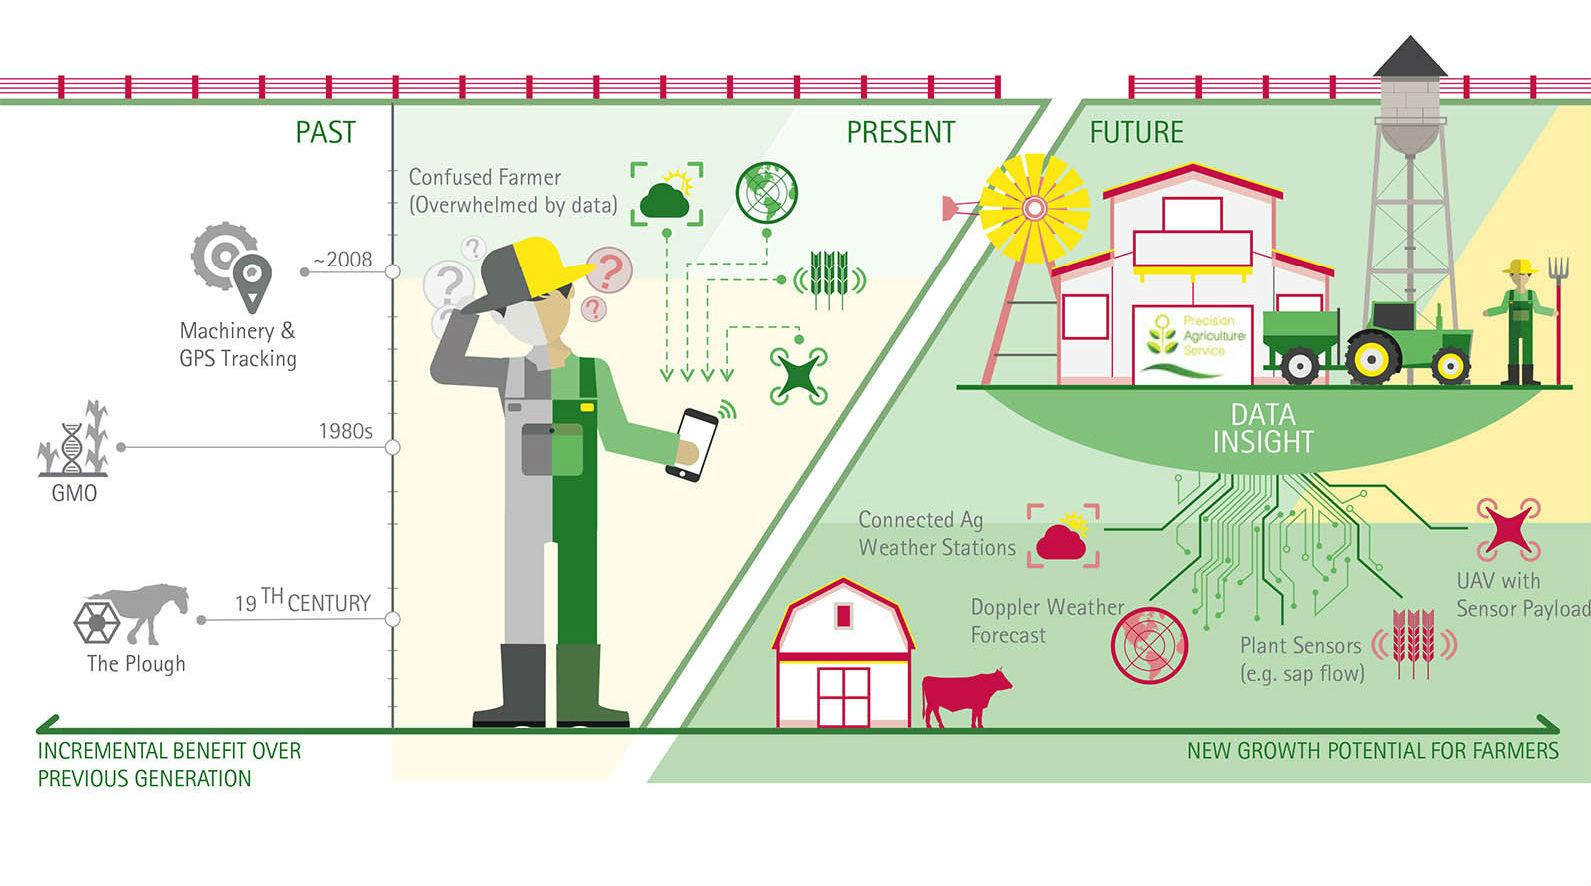 การสนับสนุนเกษตรดิจิตอลของ EU